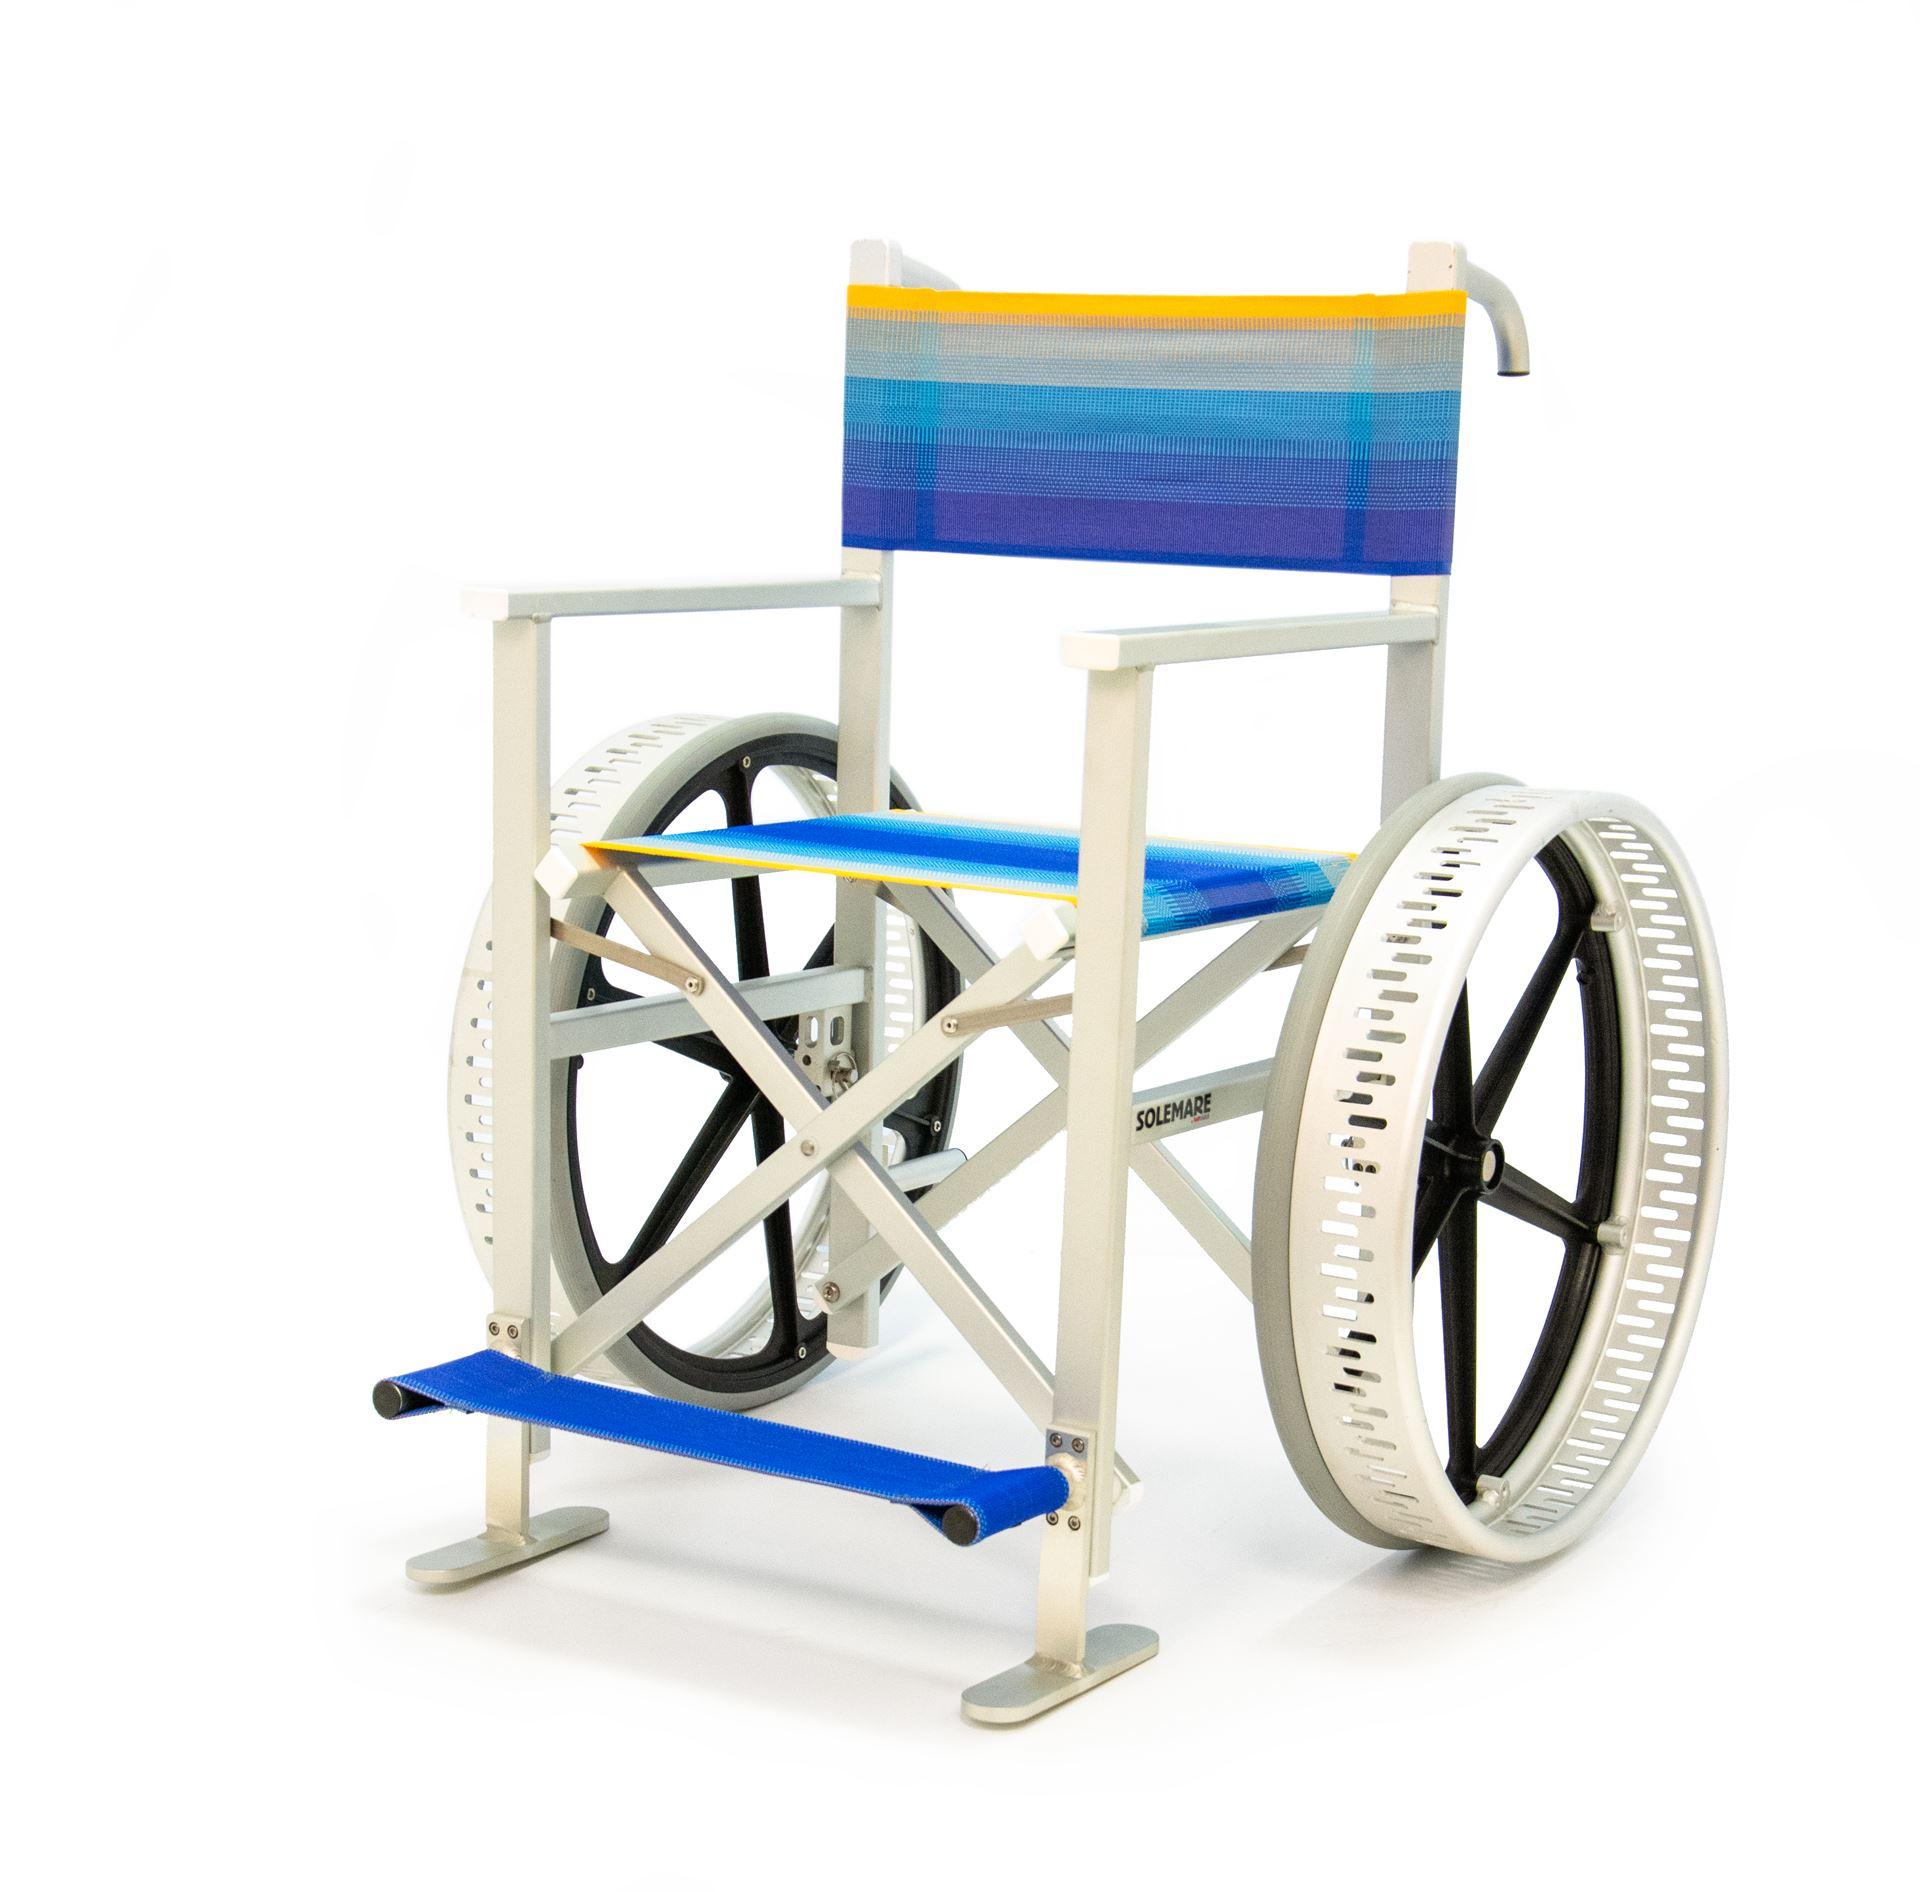 Cadeira de rodas anfibia Solemare